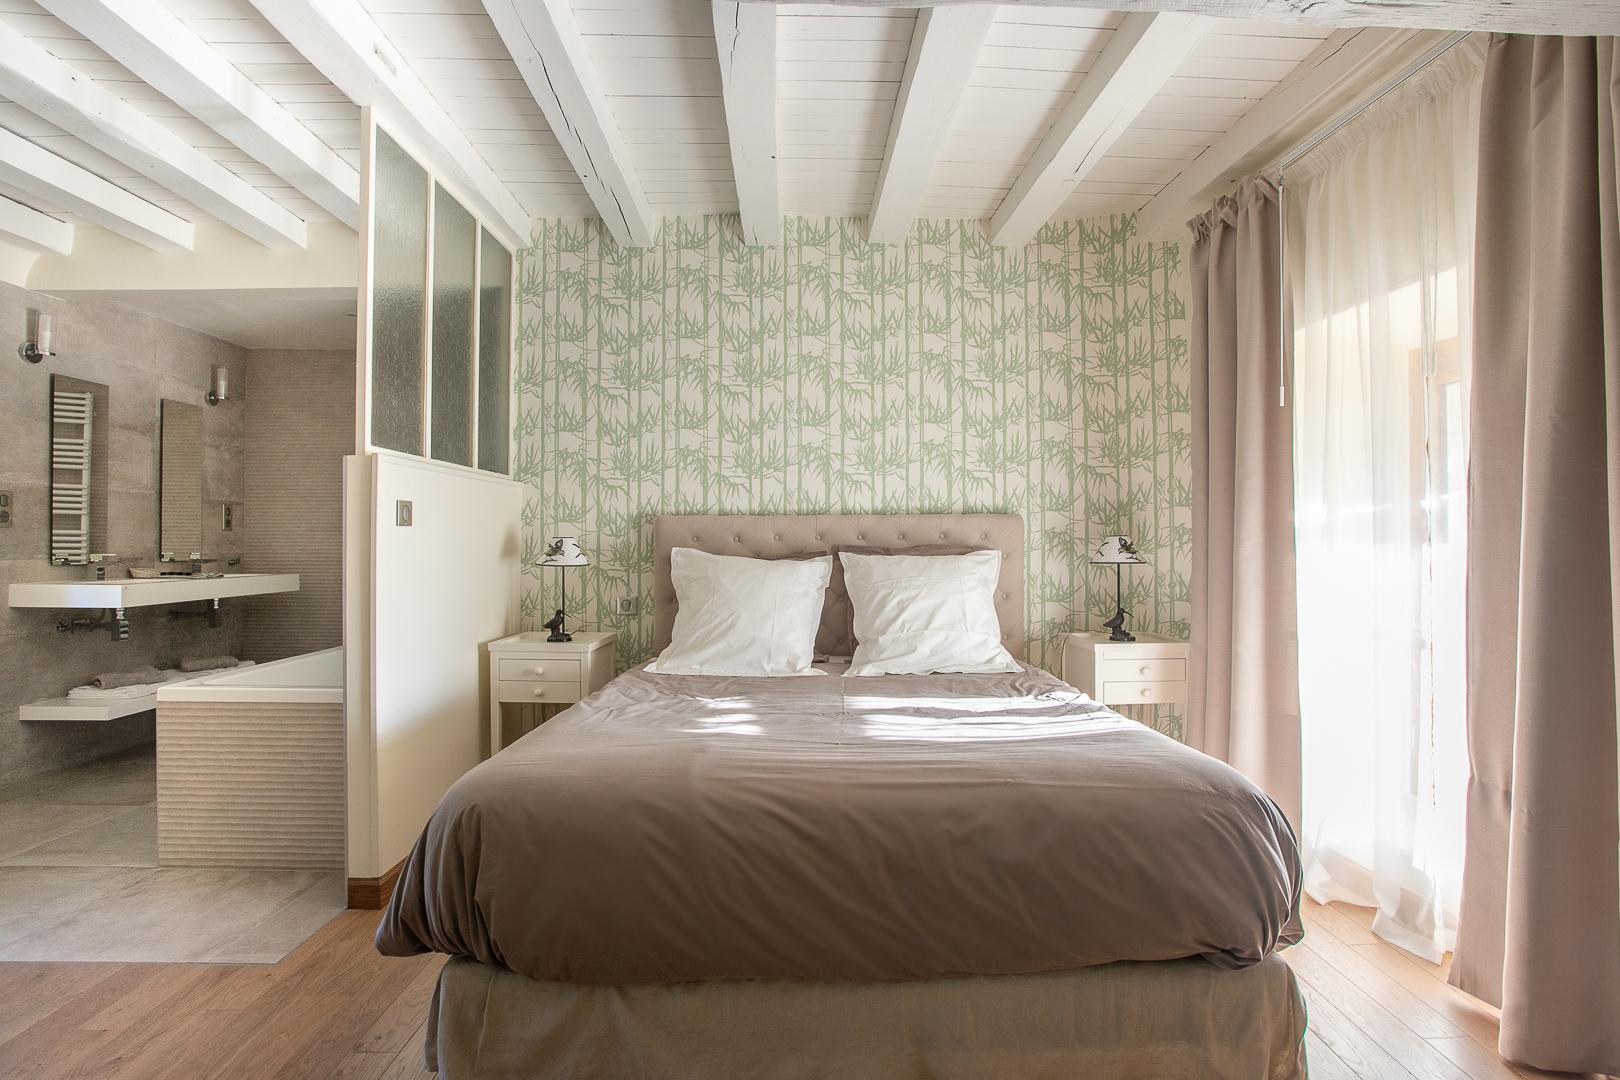 Chambre Coulanges, le lit